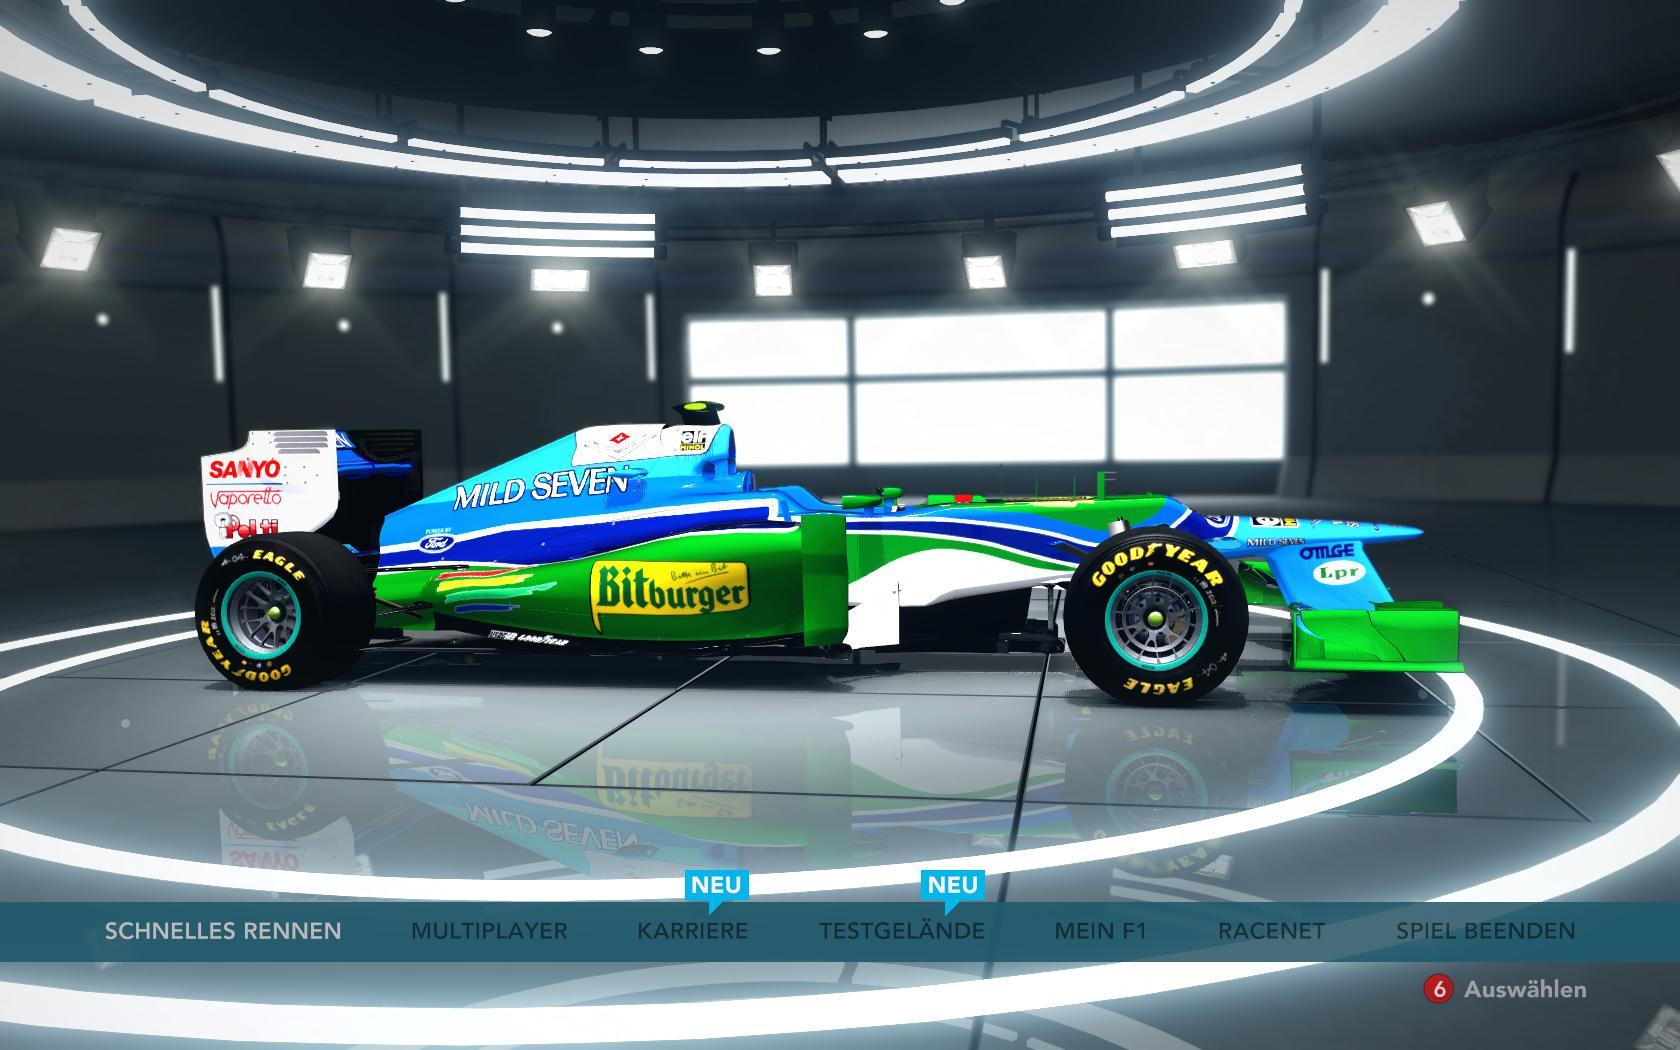 1994-Benetton-car.jpg